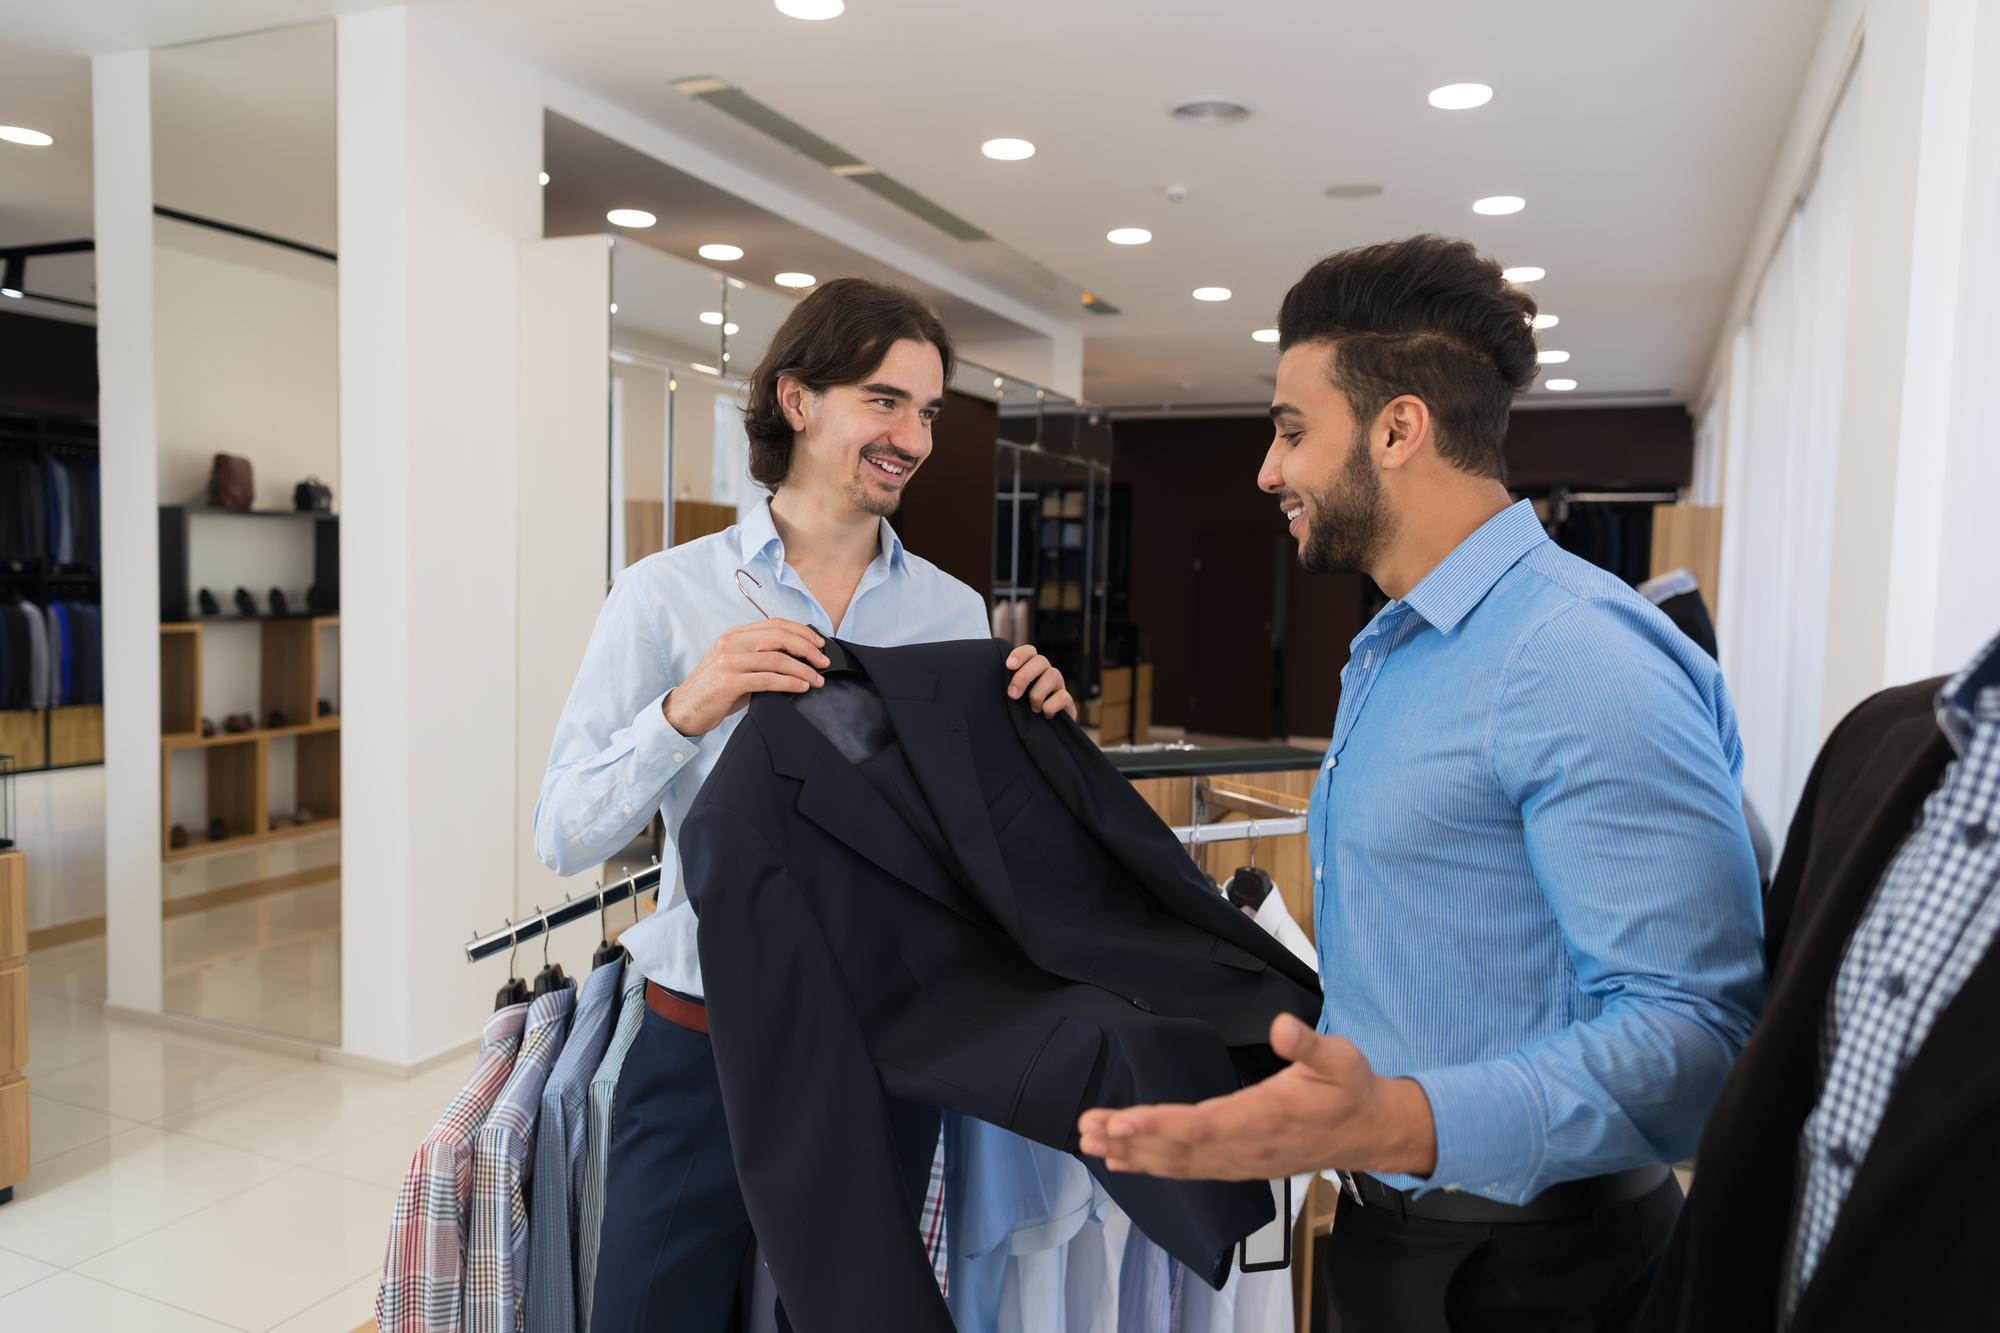 海外の服のサイズを選ぶ